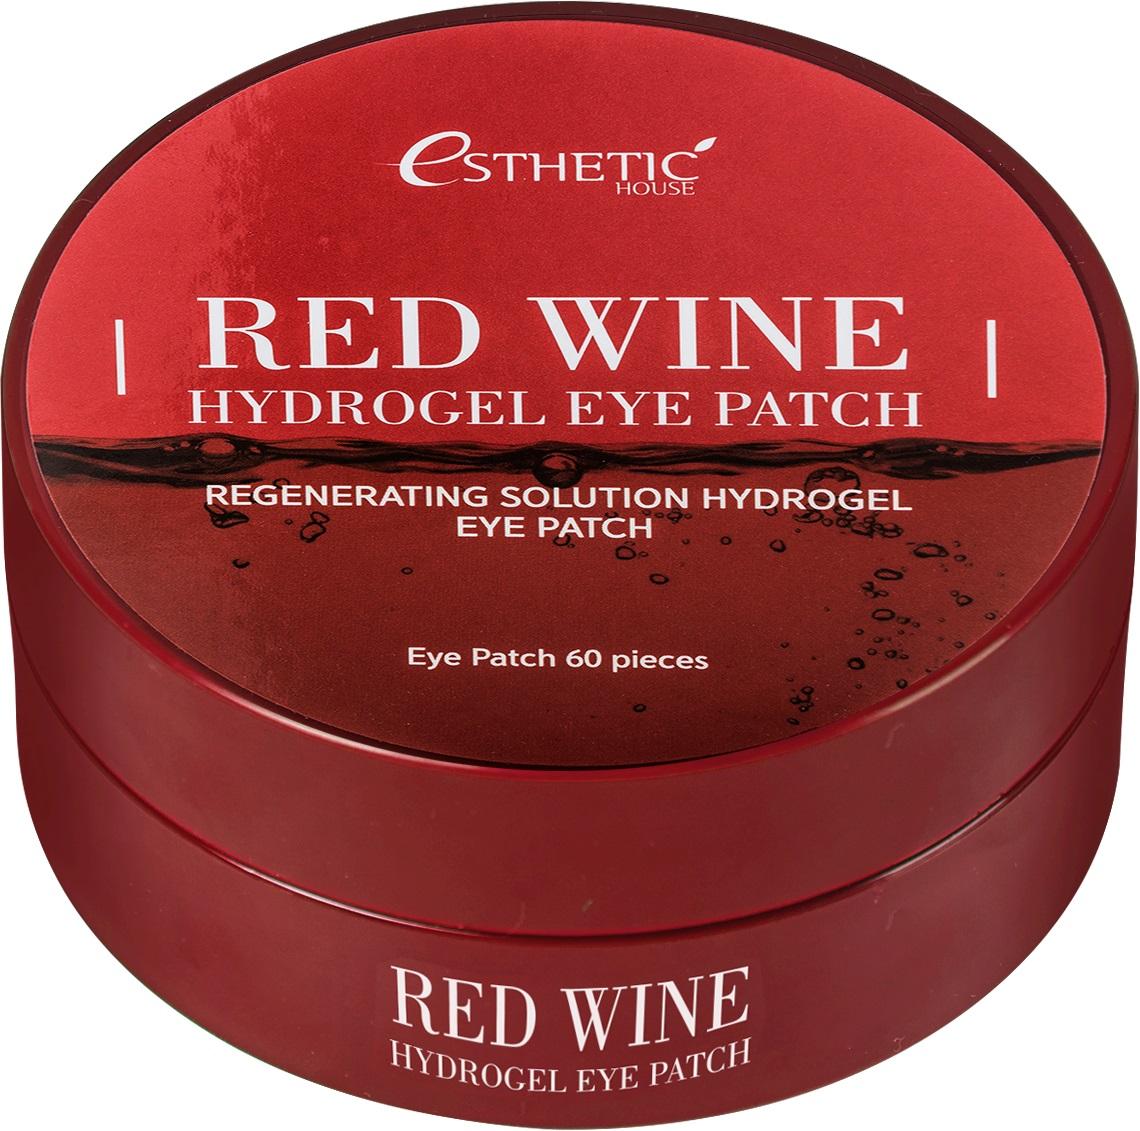 Купить Esthetic House Гидрогелевые патчи для глаз Красное вино , 60 шт (Esthetic House, Уход за областью вокруг глаз), Южная Корея